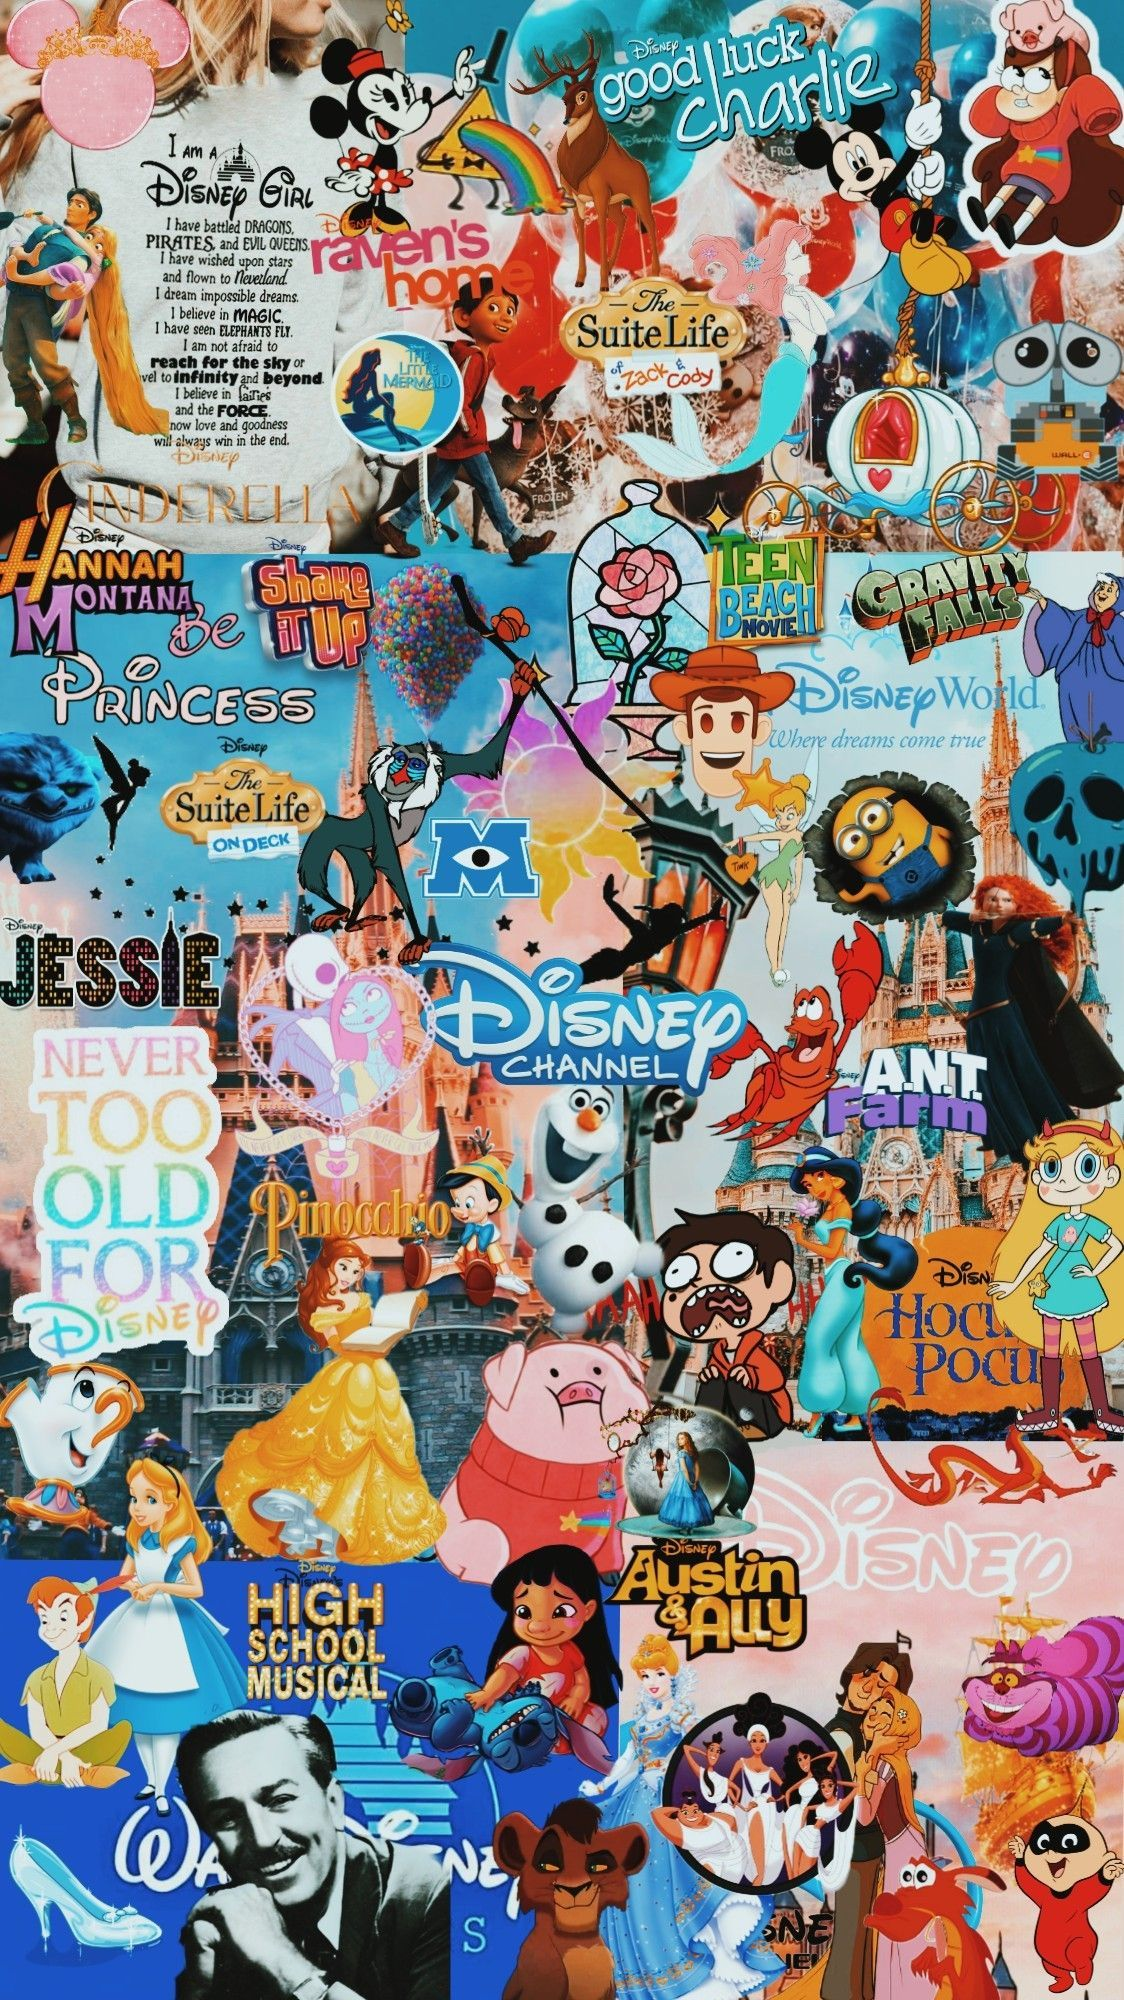 Fondos de pantalla de Disney Channel